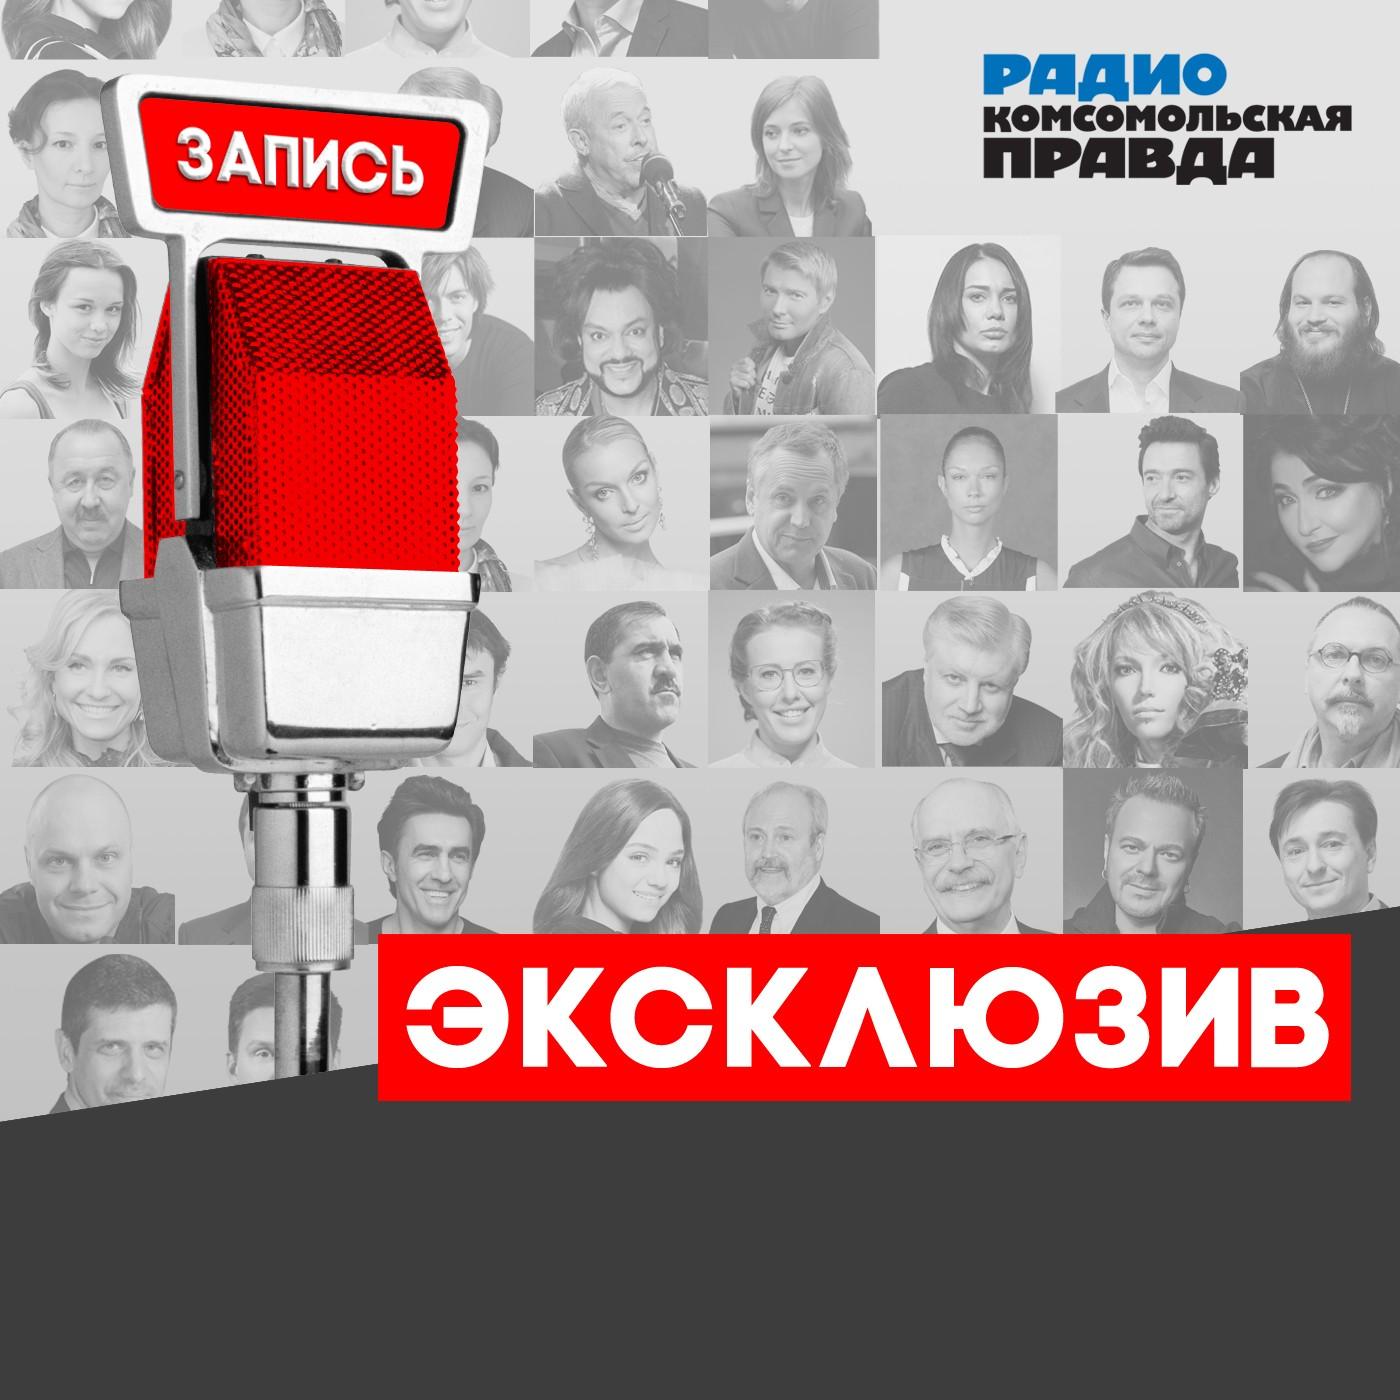 Радио «Комсомольская правда» Сергей Шнуров: Вся жизнь грязь, без грязи жизни не бывает